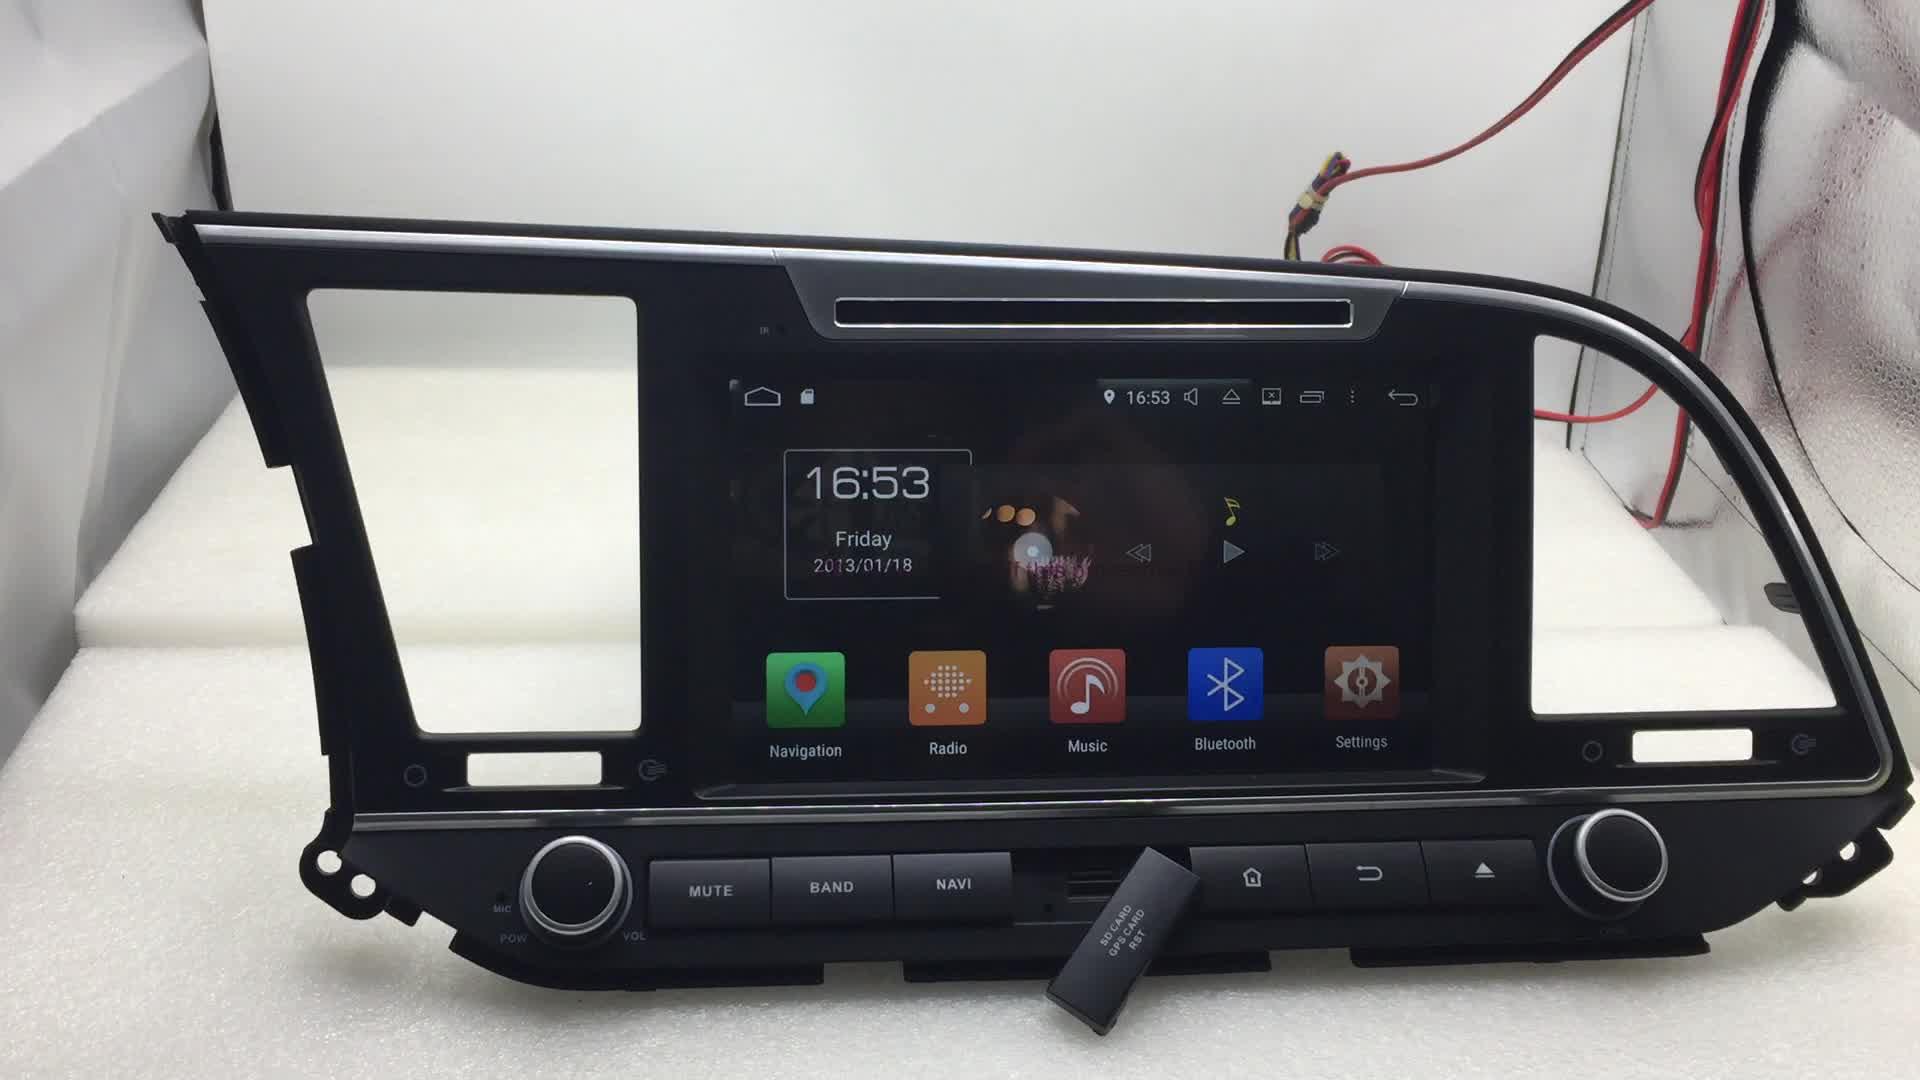 9 英寸全触摸屏 android 8.0 收音机本田 crv 2017 车载 dvd gps 导航系统